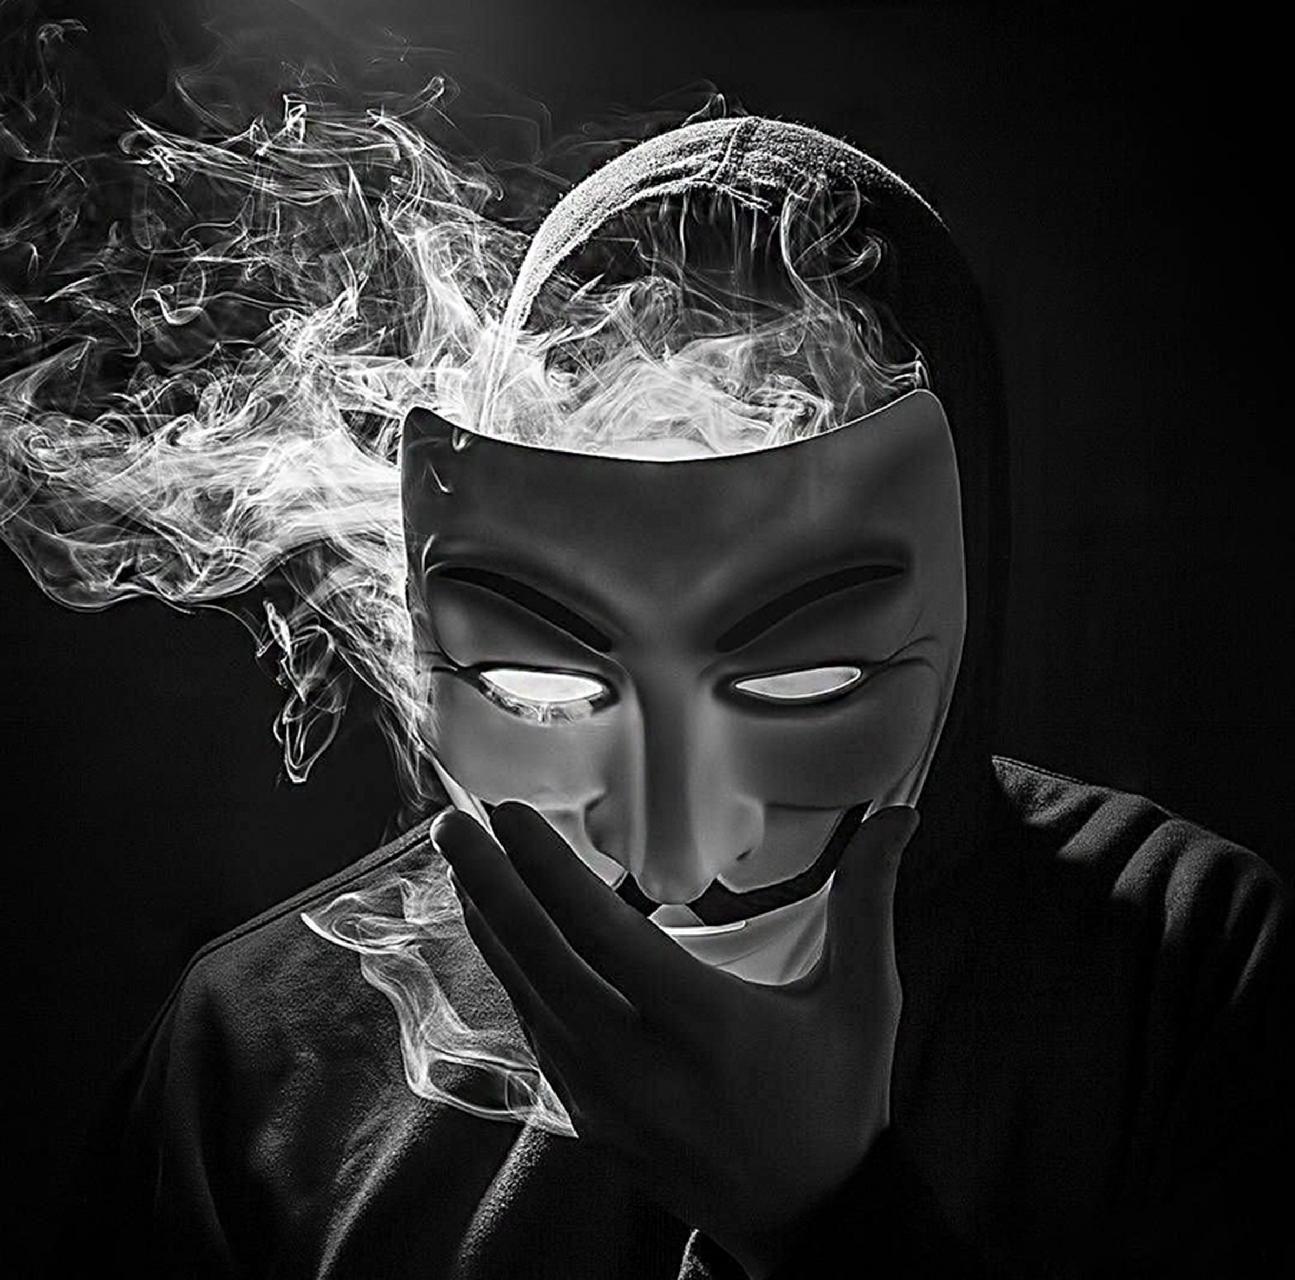 Ảnh Anonymous cool ngầu chất nhất